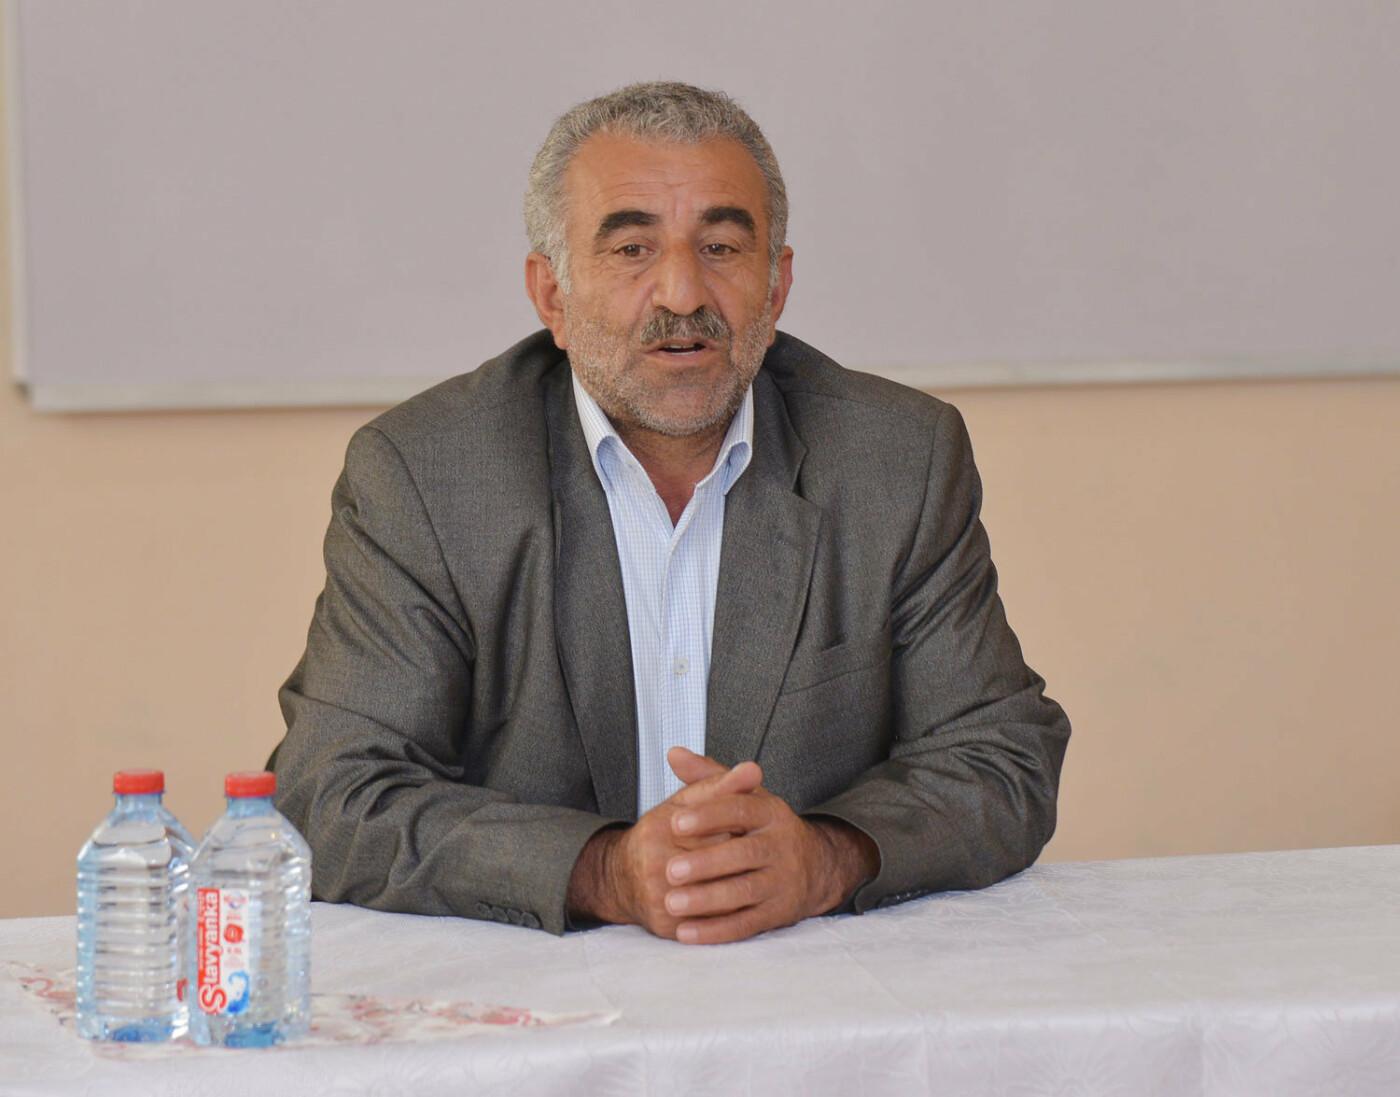 Bakıda müəllim və valideynlərin səyyar qəbulu - FOTO, fotoşəkil-2